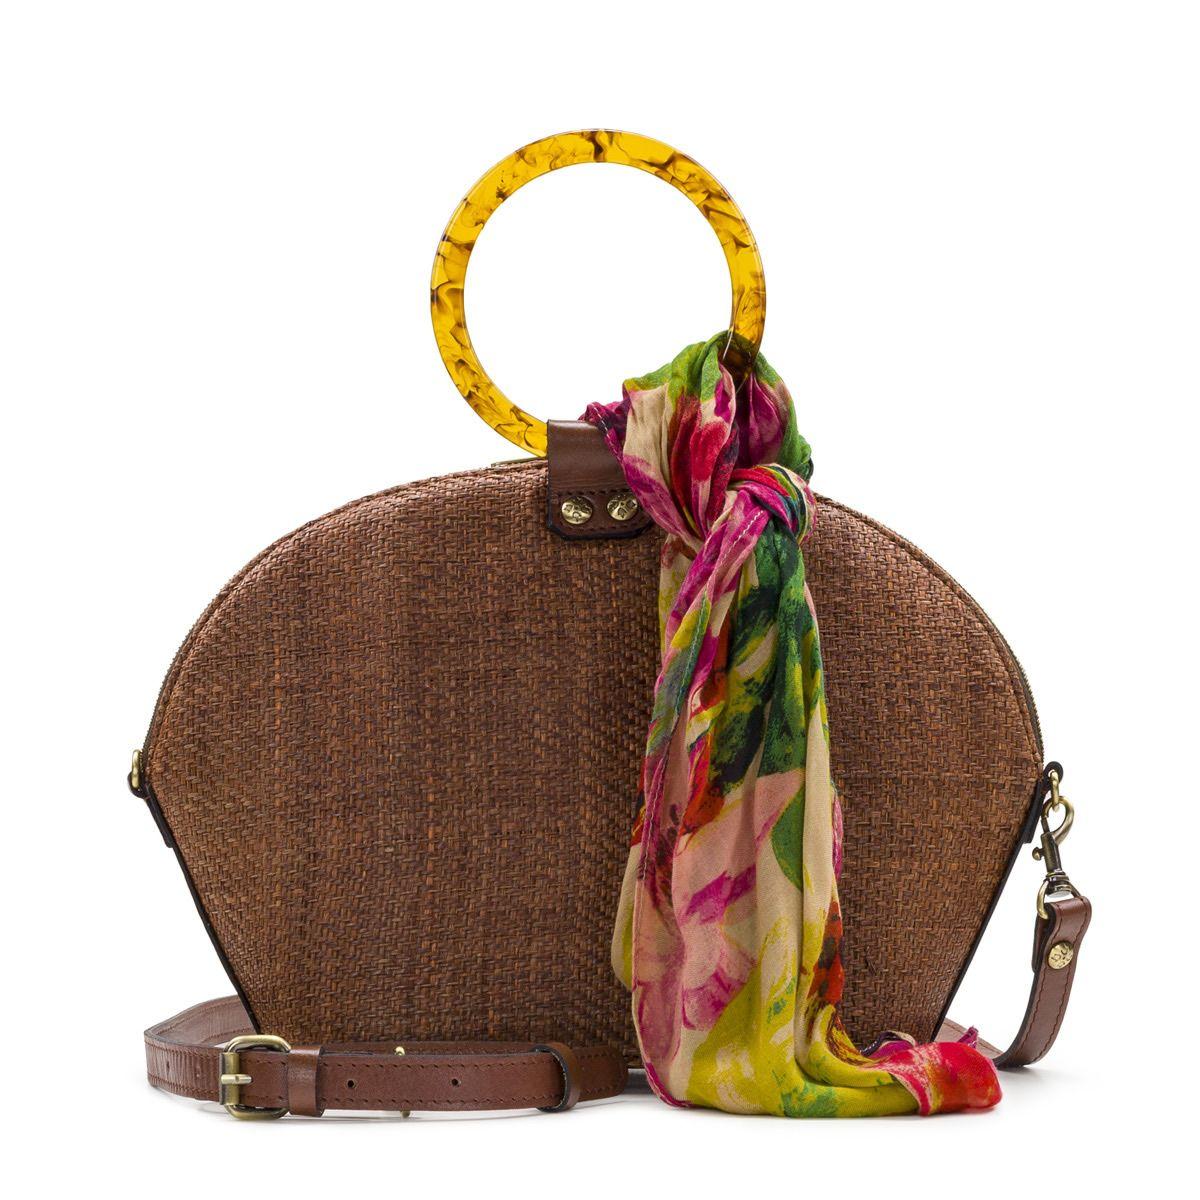 1e6c97602 Special Offer Patricia Nash Handbags - Macy s